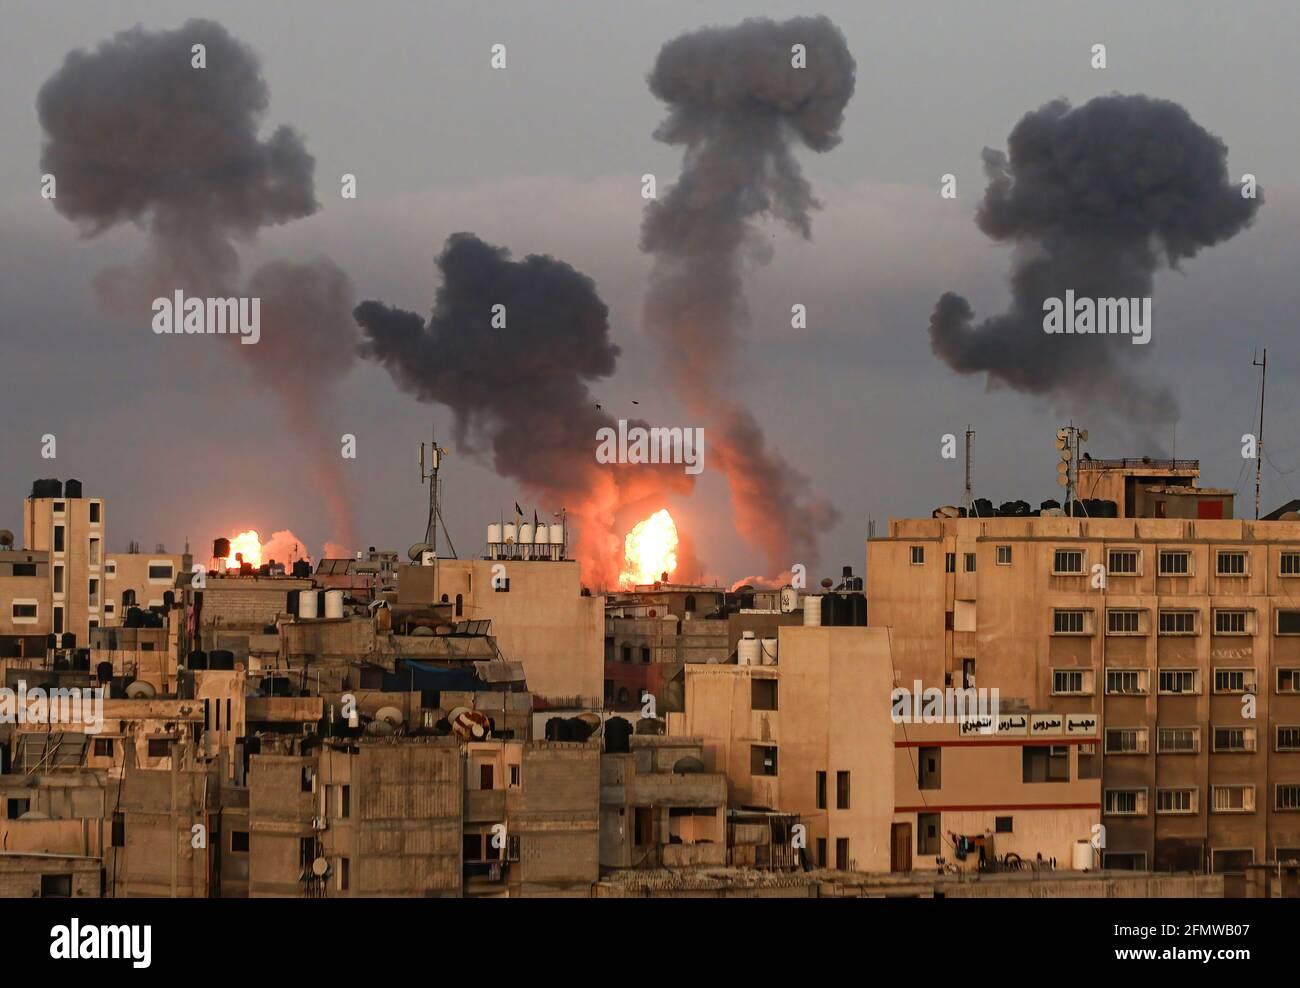 Gaza, Palästina. Mai 2021. Wolken aus dunklem Rauch, die nach einem israelischen Luftangriff über Gaza-Stadt zu sehen waren. Explosionen und Feuer, die durch israelische Luftangriffe im südlichen Gazastreifen verursacht wurden, und Israel startete Luftangriffe auf den Küstenstreifen als Reaktion auf eine Flut von Raketen, die von Palästinensern auf Israel abgefeuert wurden. Kredit: SOPA Images Limited/Alamy Live Nachrichten Stockfoto